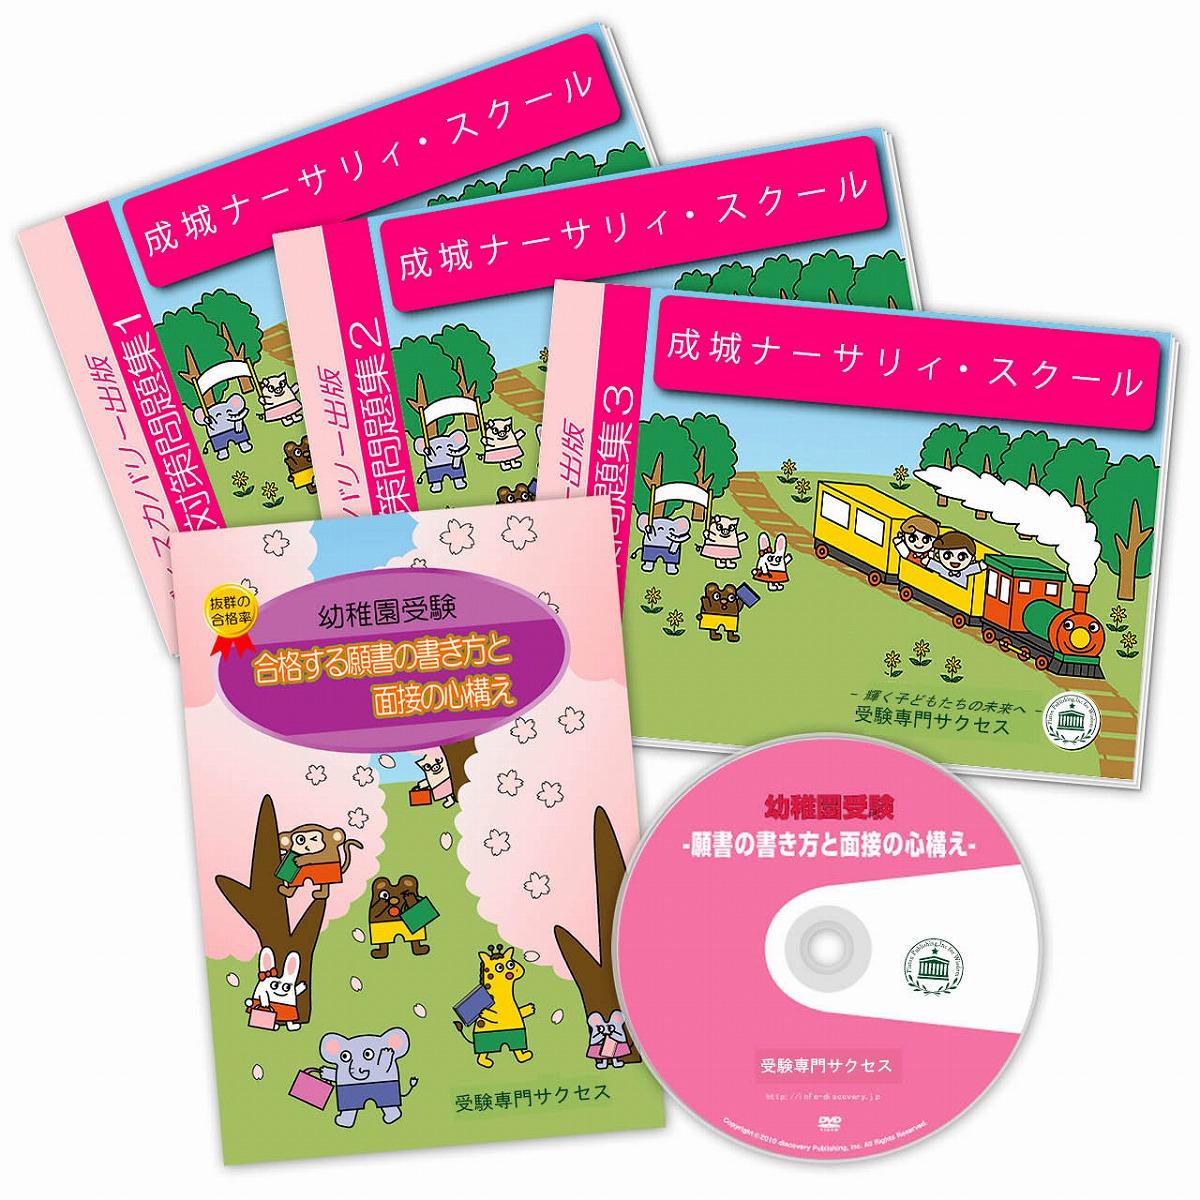 【送料・代引手数料無料】成城ナーサリィ・スクール・合格セット